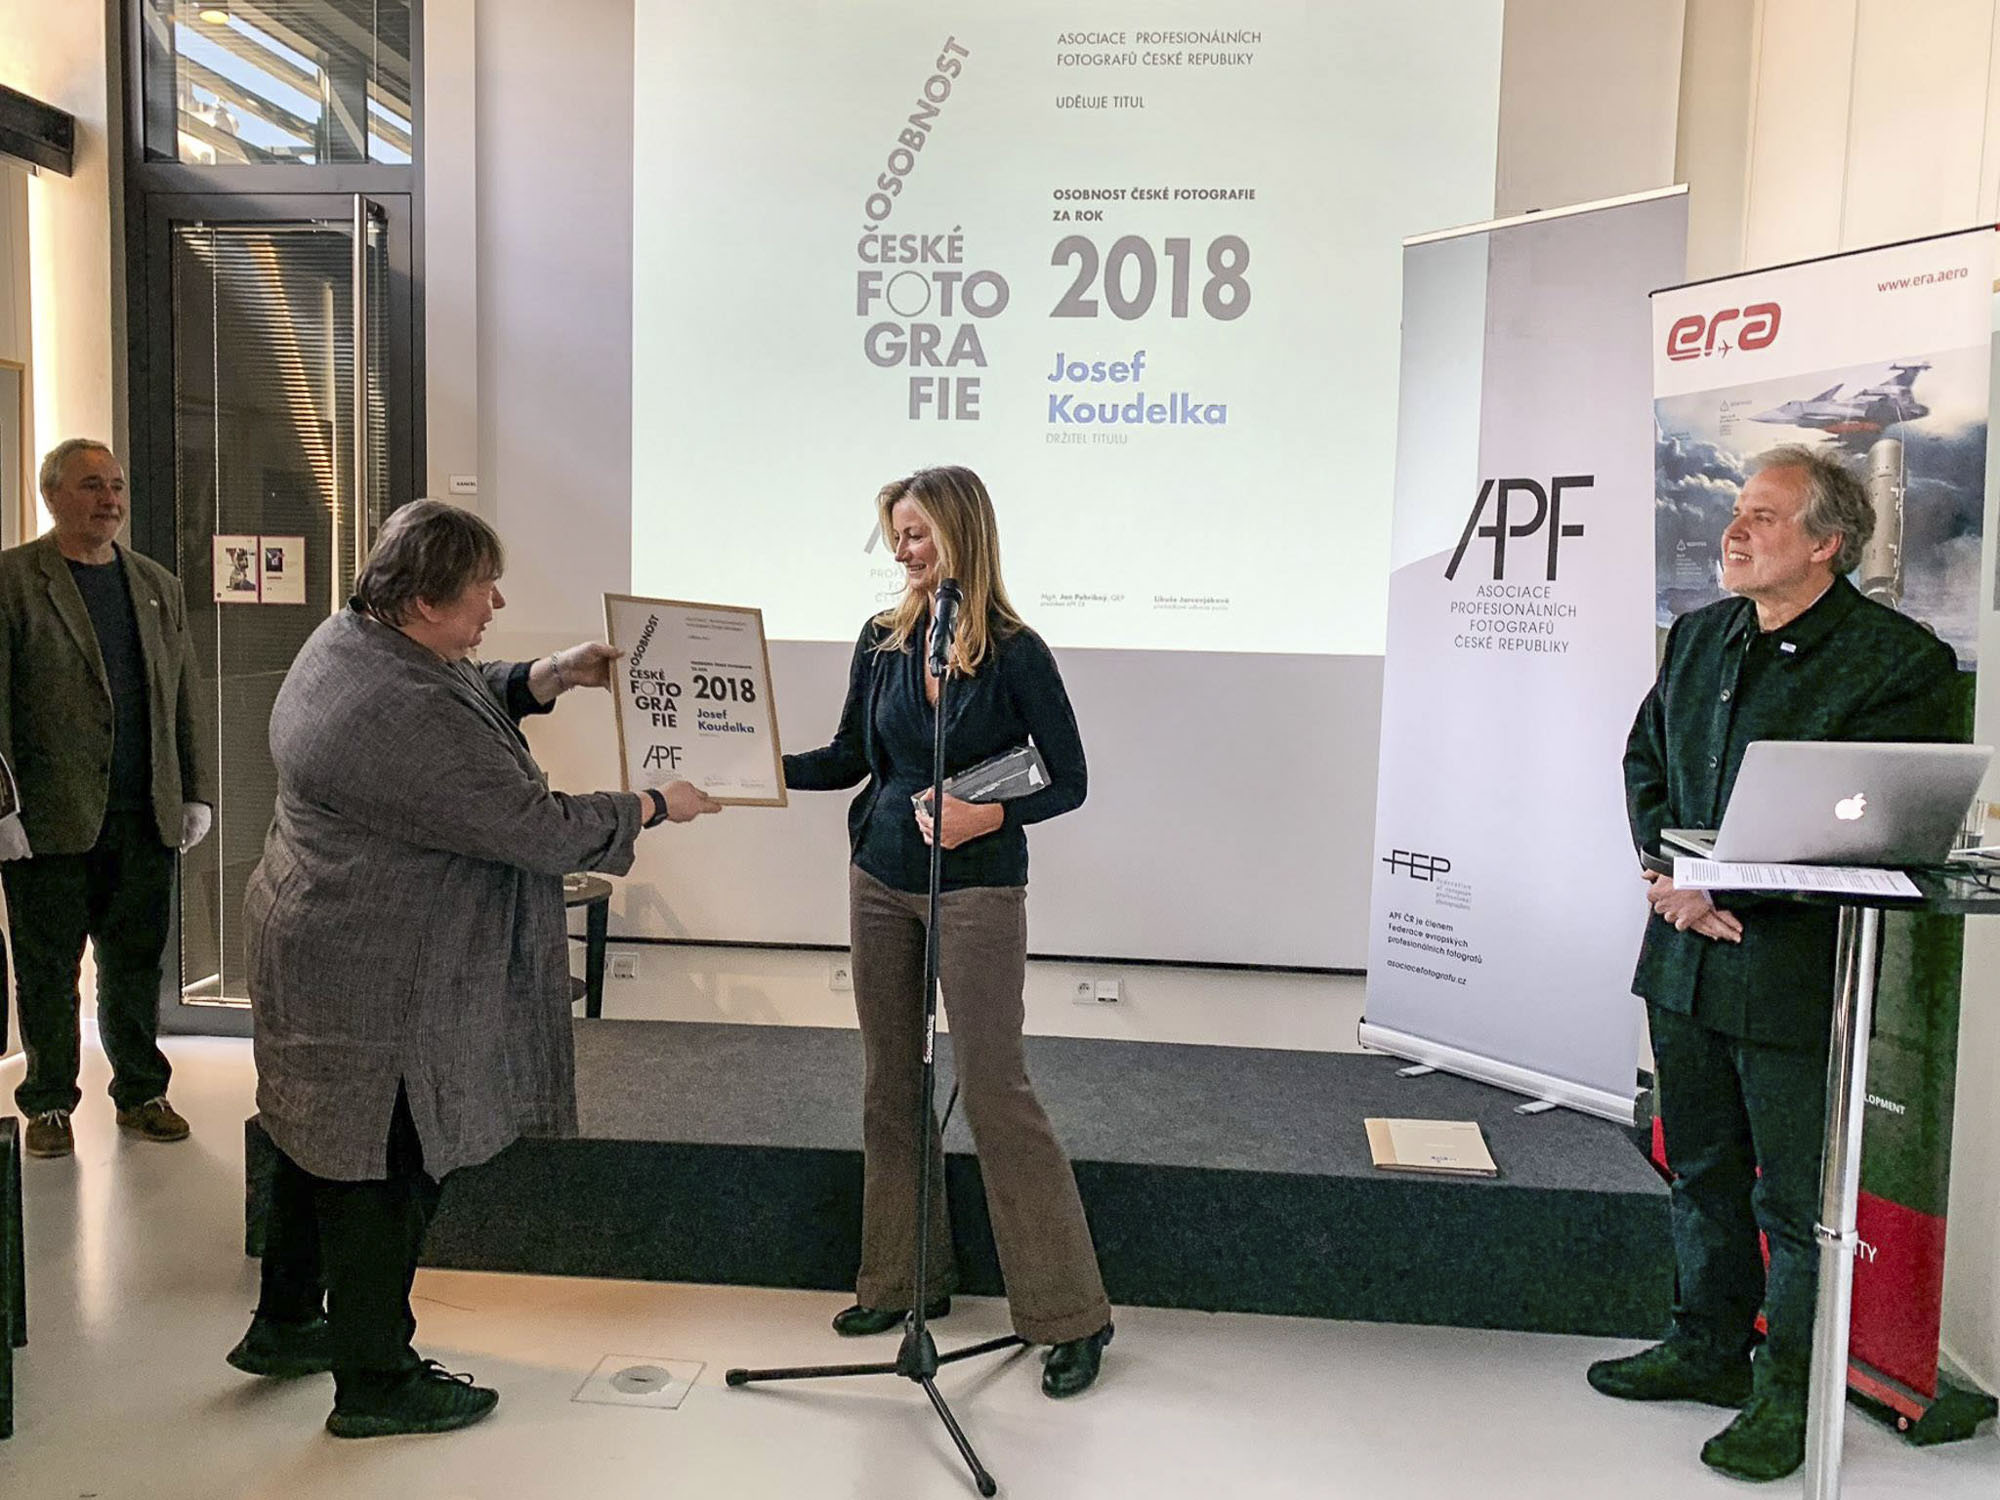 Osobnosti české fotografie 2018 vyhlášeny!